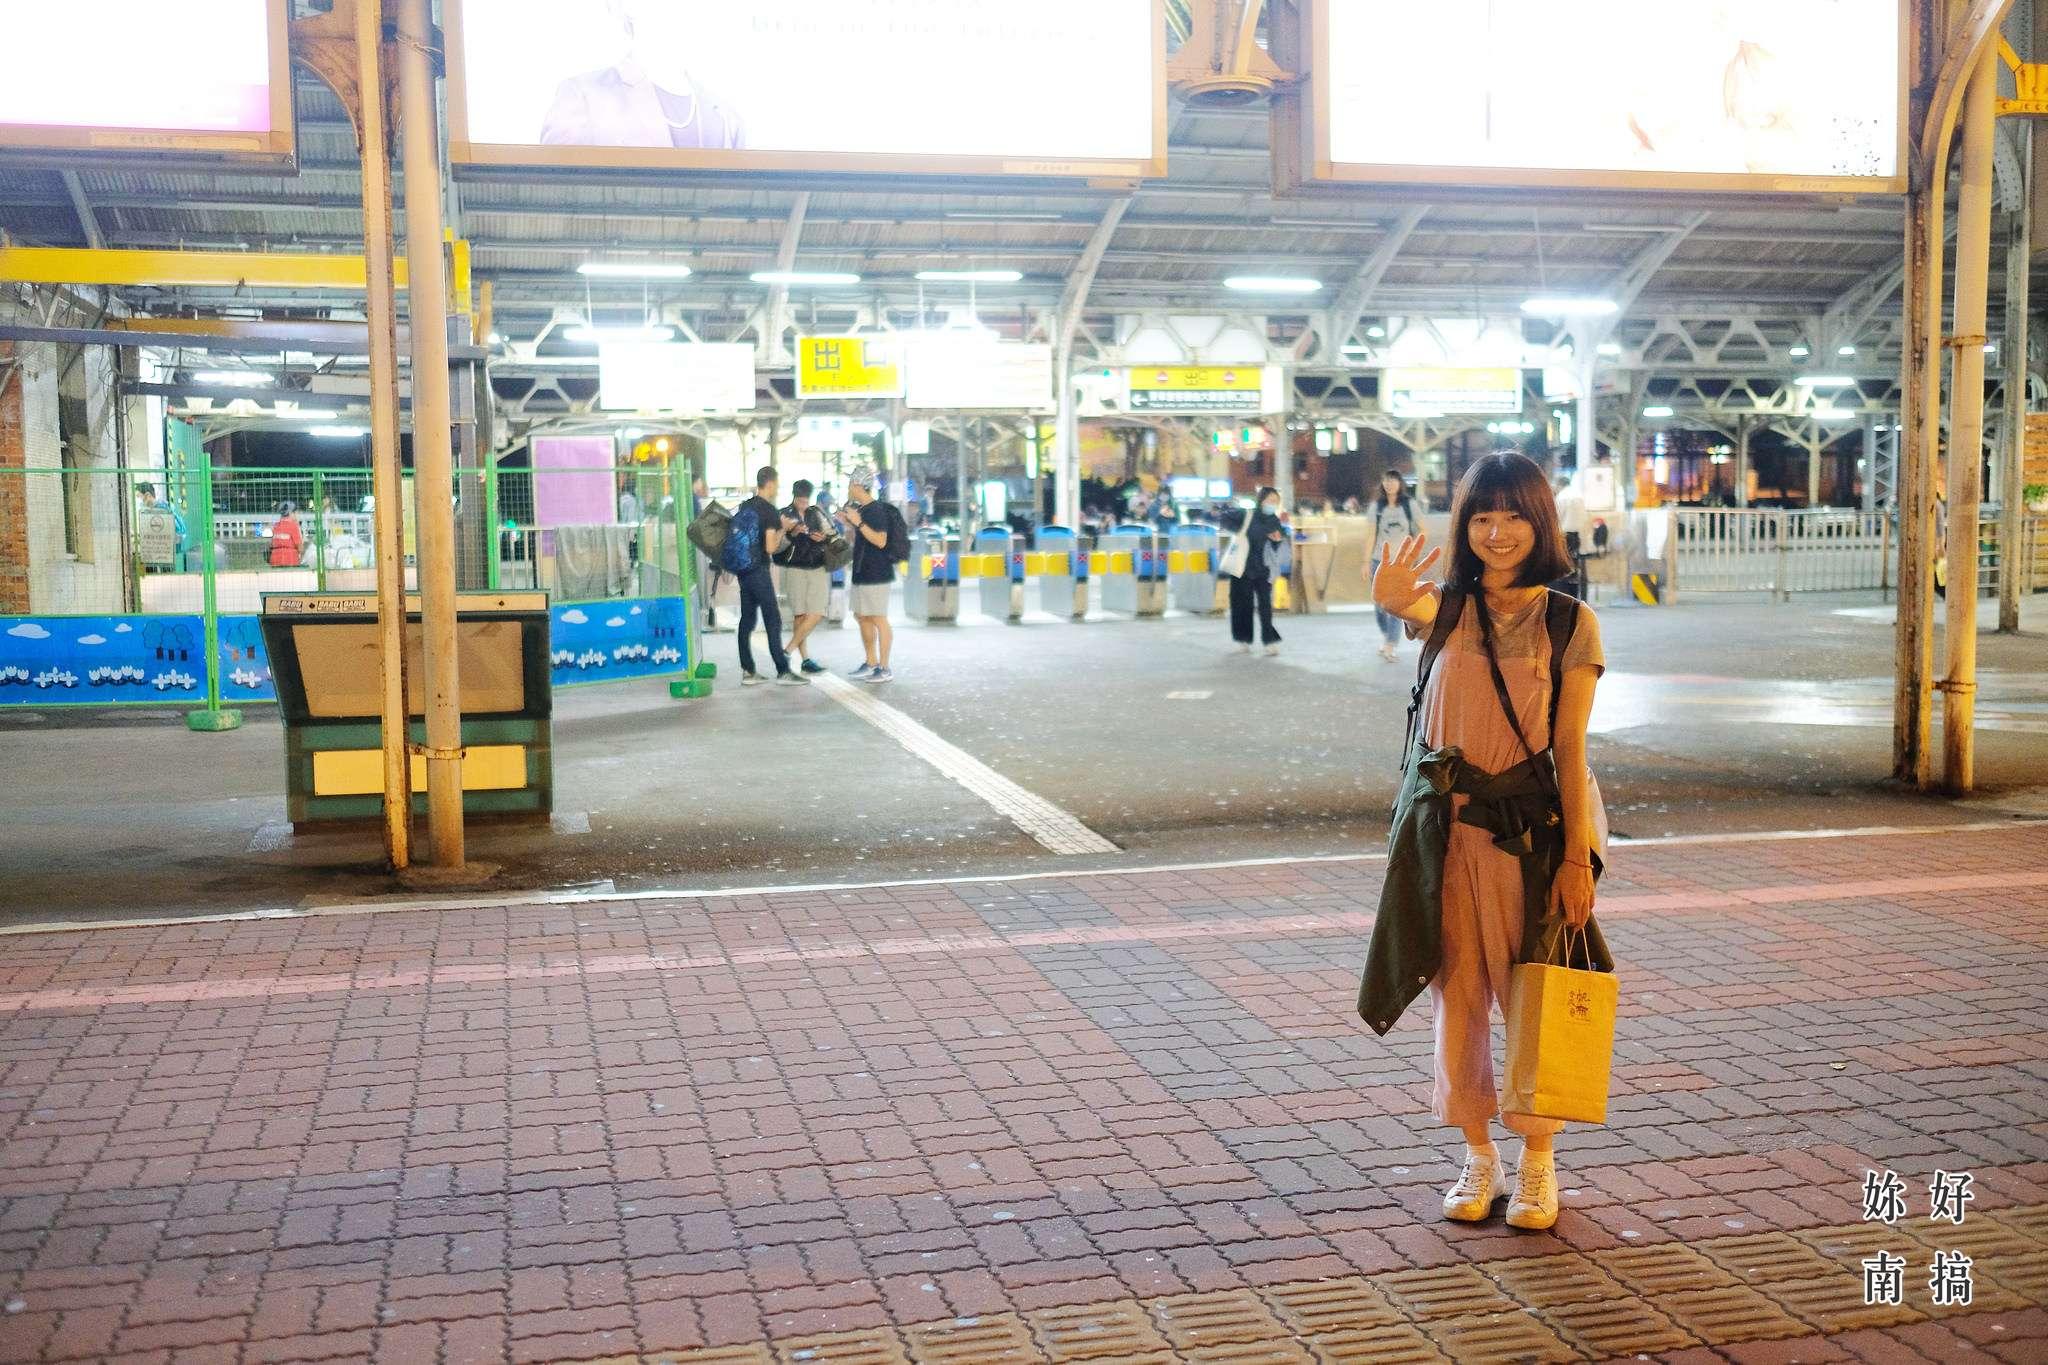 台南火車站附近景點-75-妳好南搞